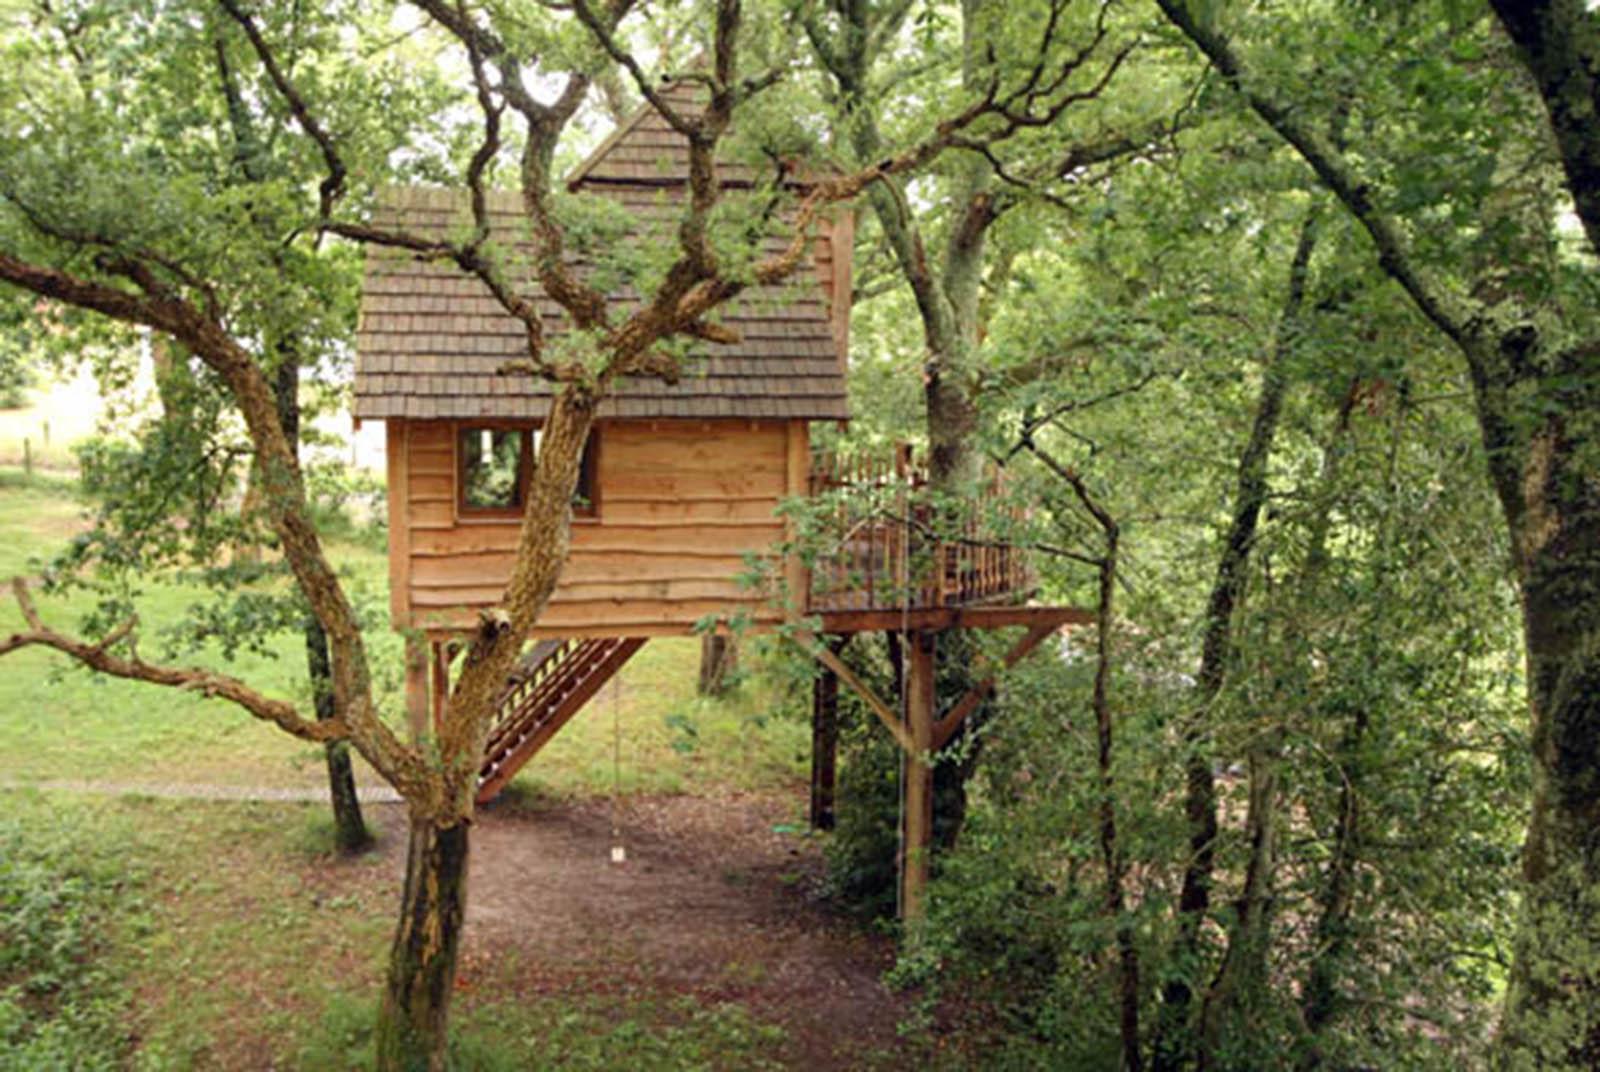 construire une cabane en bois dans les arbres de son jardin viving. Black Bedroom Furniture Sets. Home Design Ideas